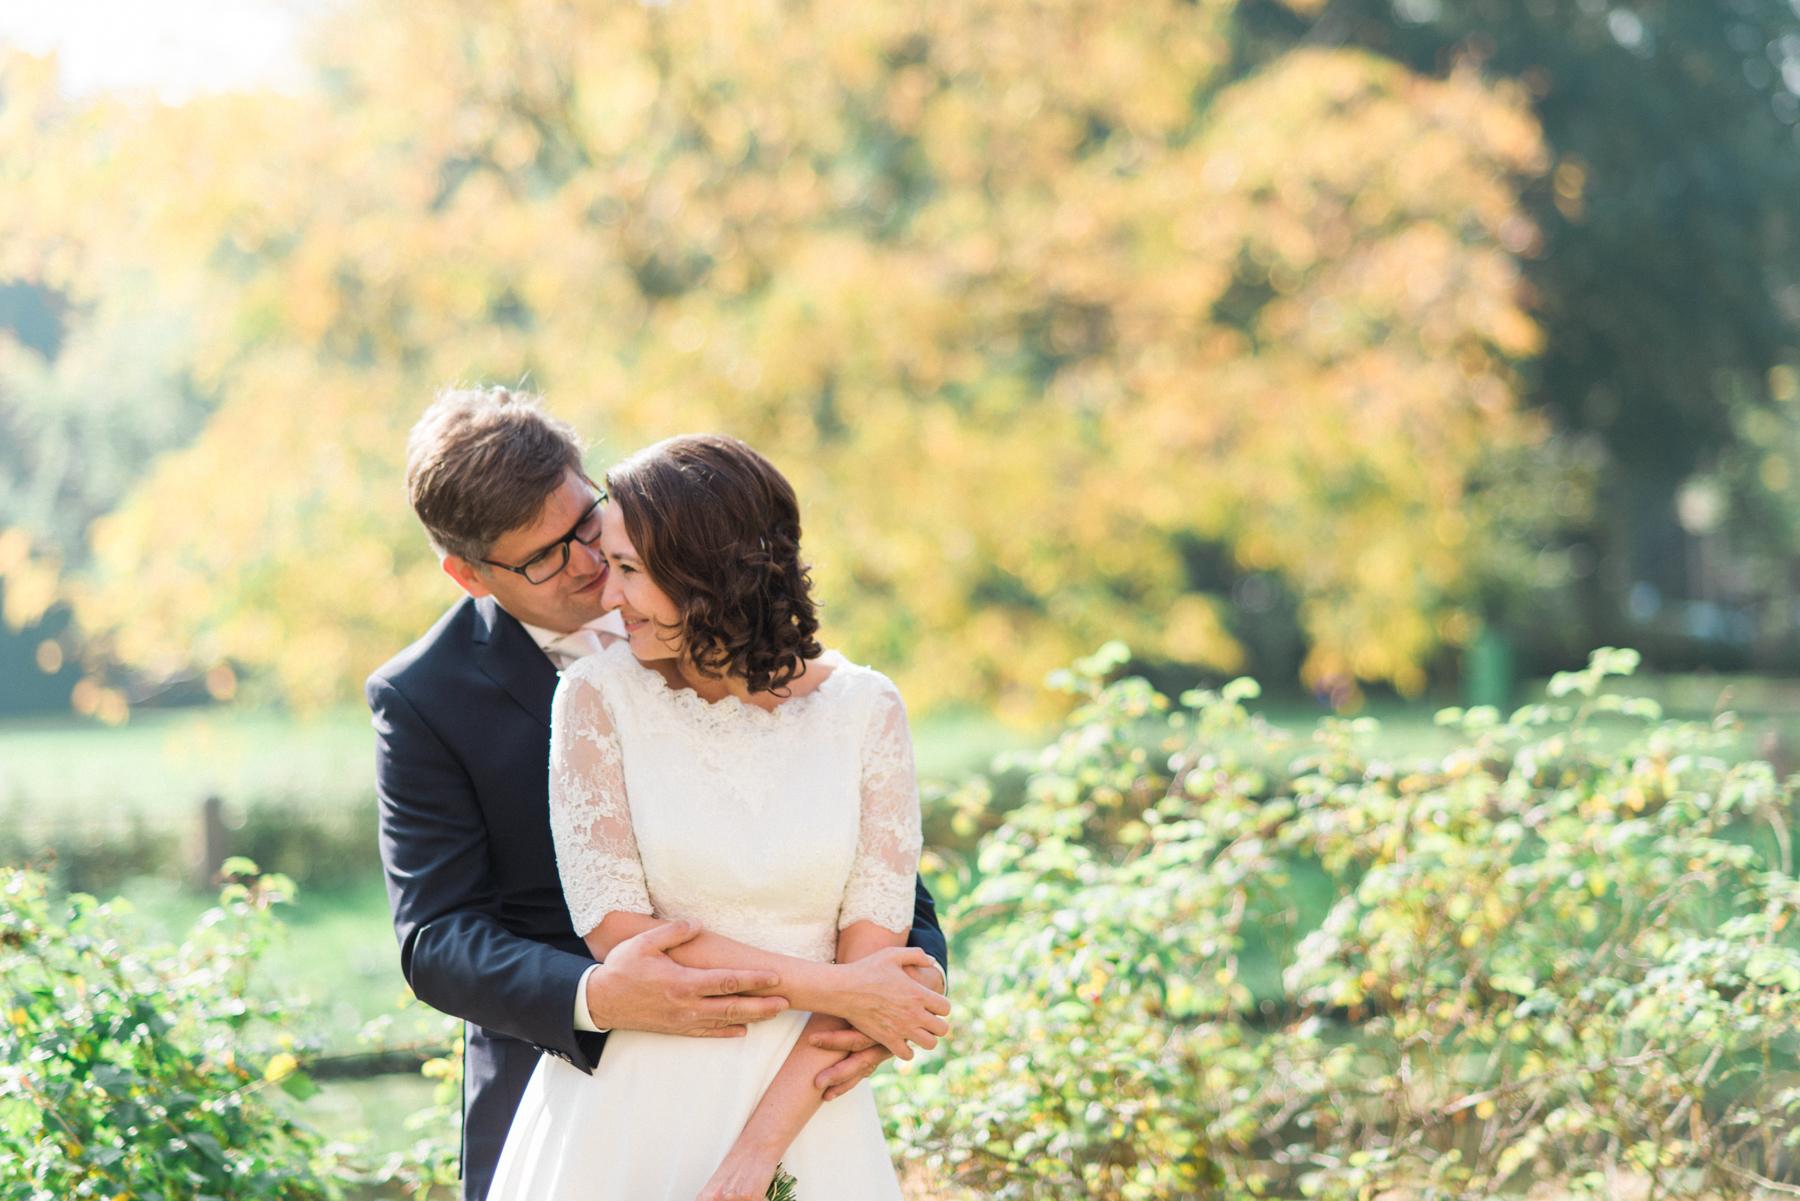 Bluhm-Hochzeitsfotograf-HochzeitamMeer-42.jpg